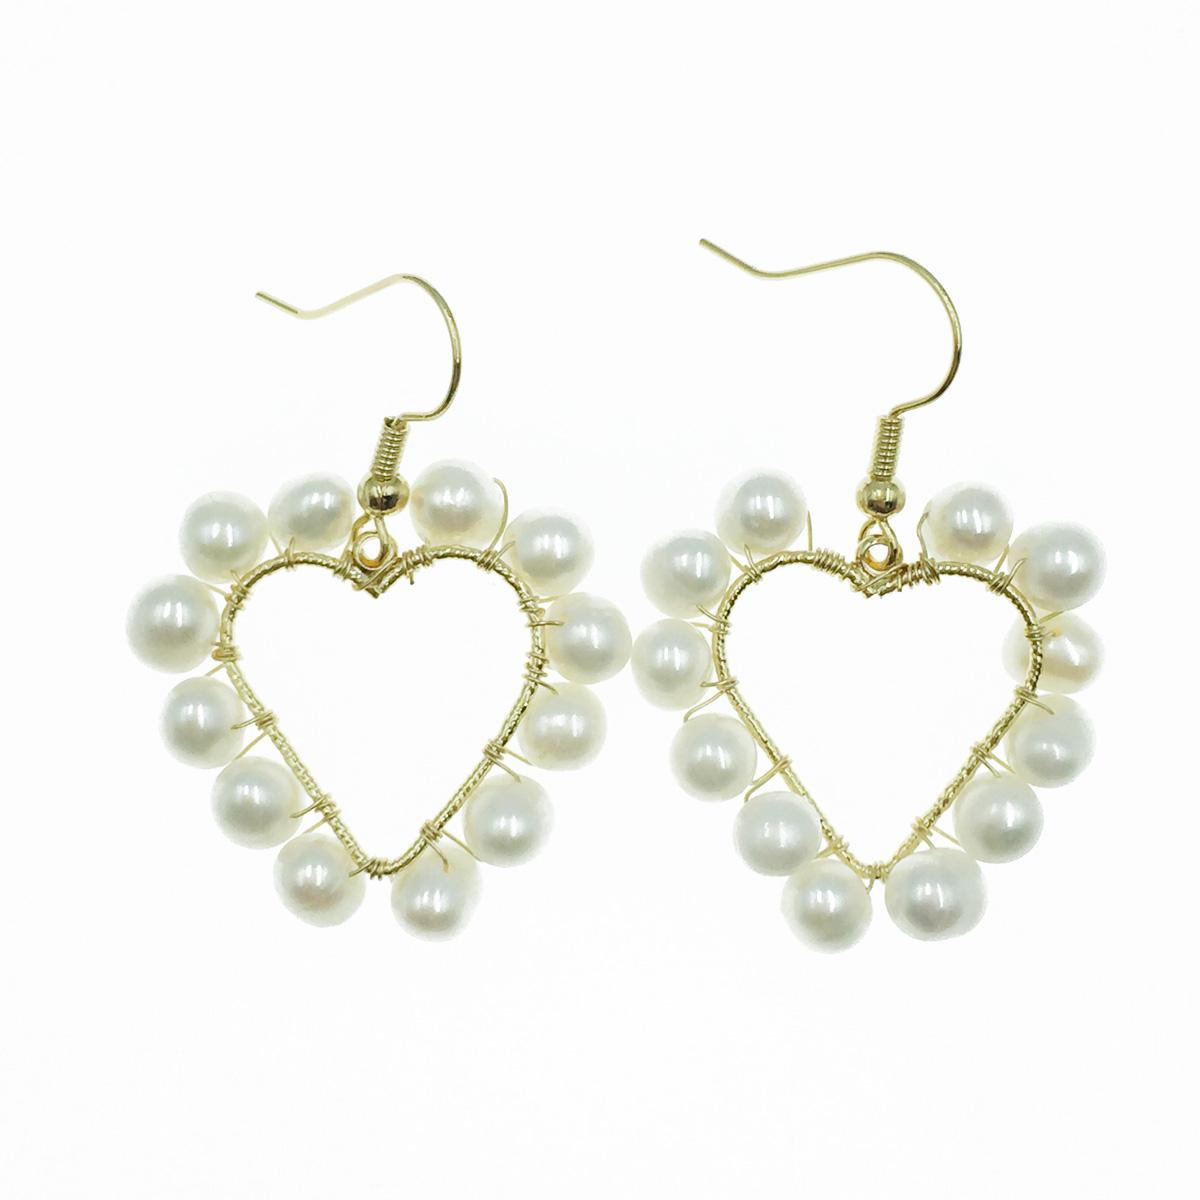 韓國 925純銀 簍空愛心 珍珠 氣質甜美 垂墜感 耳勾式耳環